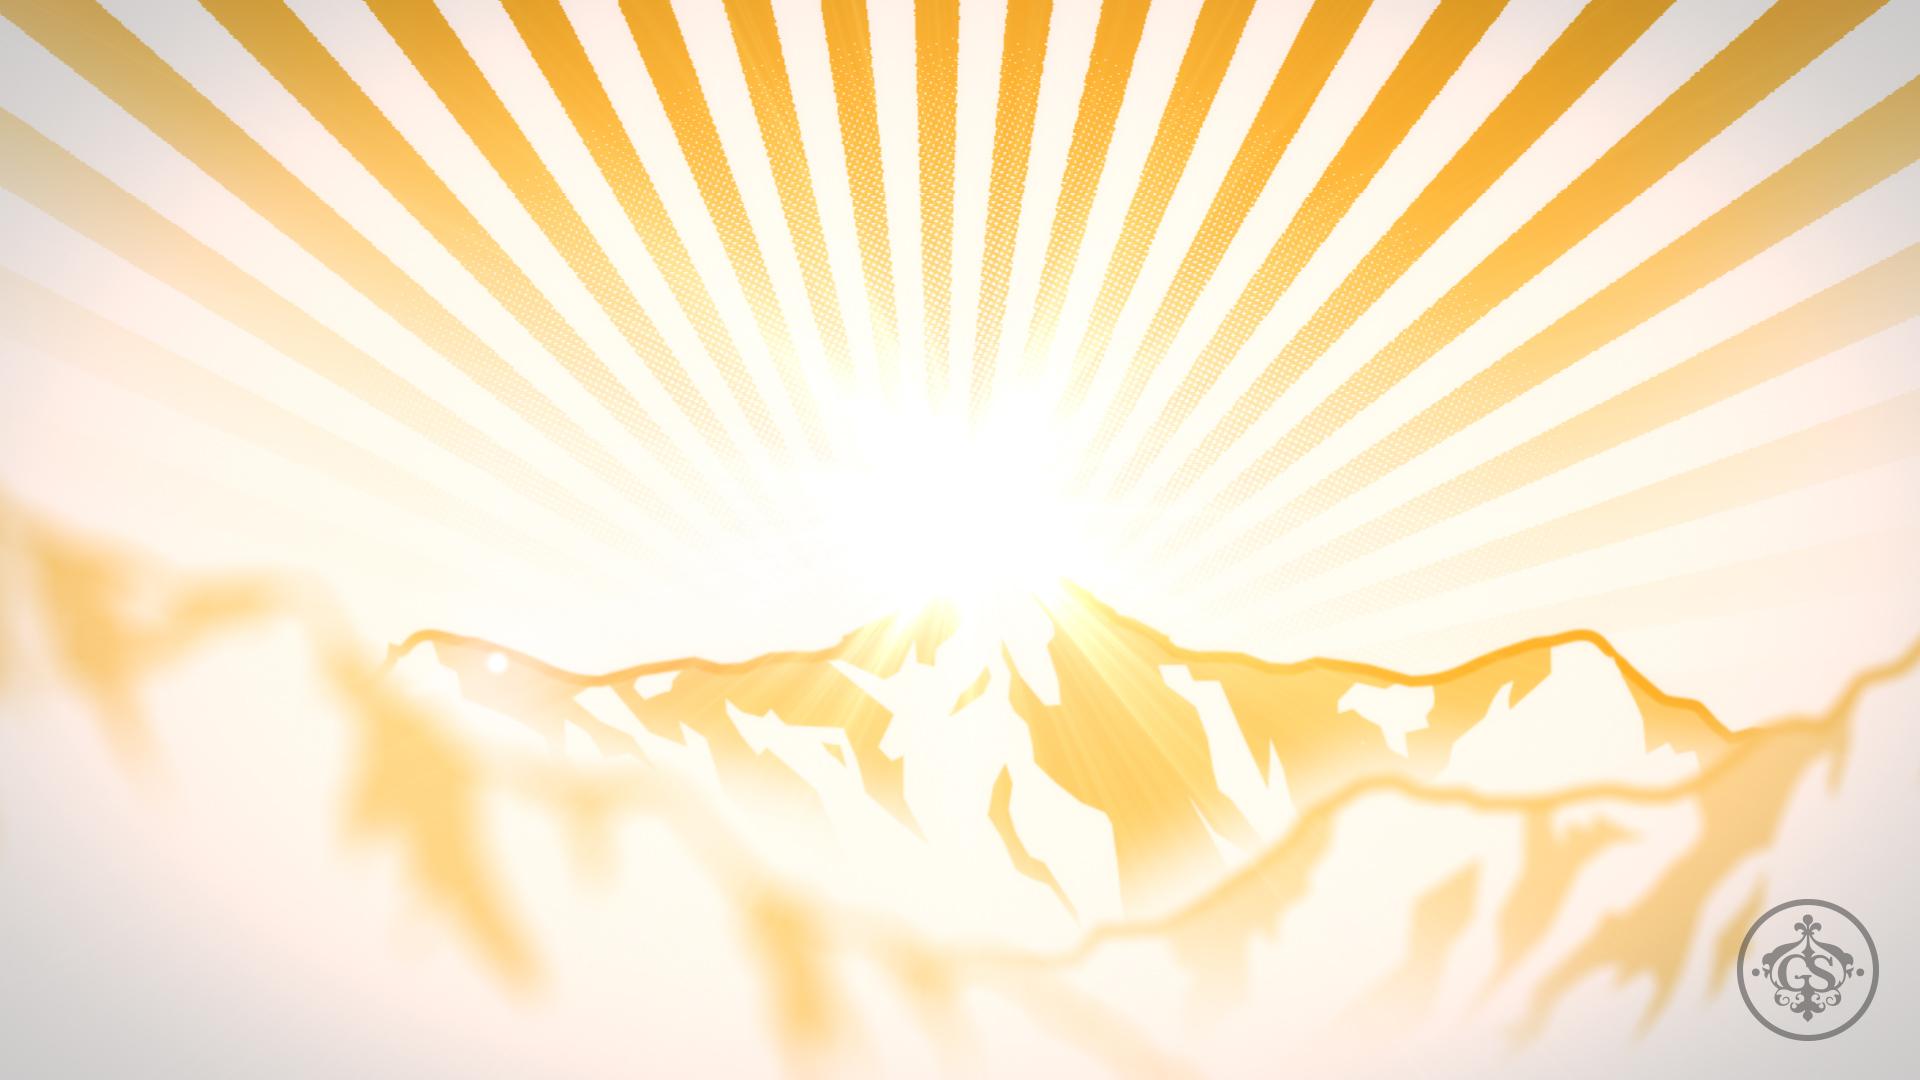 Sol_Design_ac_Mountain_EndCard_02A_Bugged.jpg